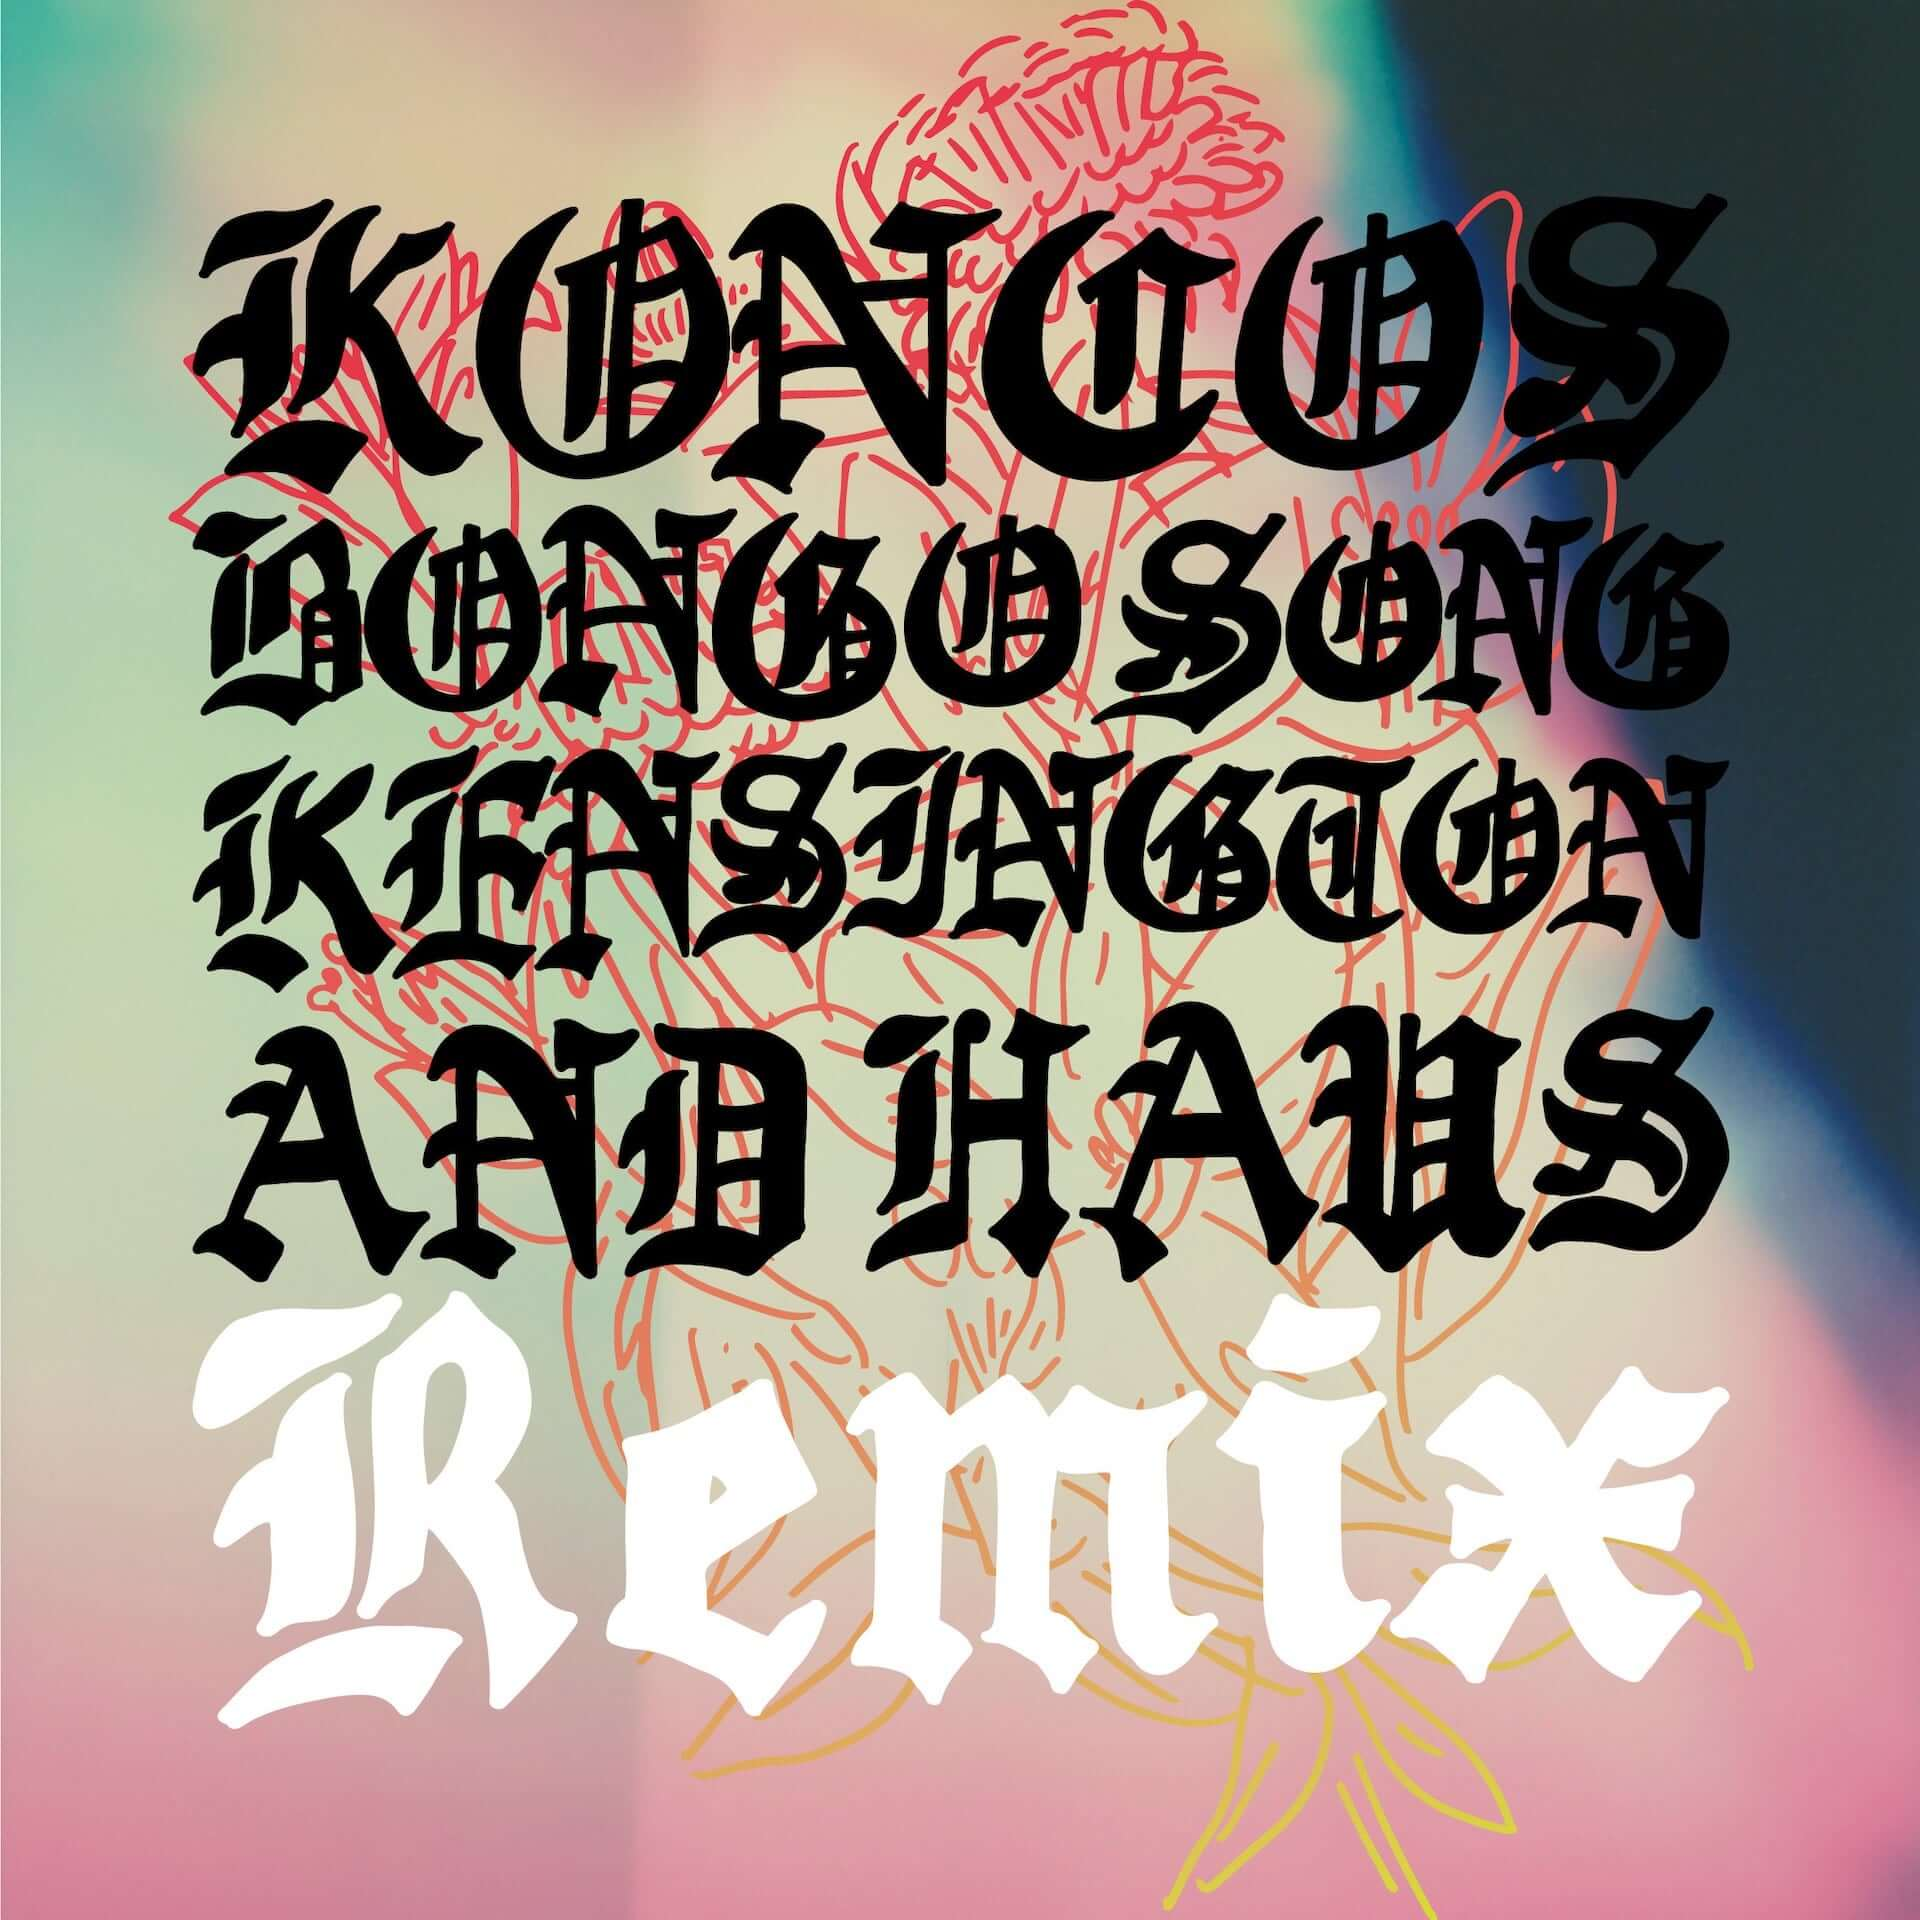 """KONCOS""""Bongo Song""""をKENSINGTON AND HAUSがダブ・リミックス!音源が配信開始&7インチも発売決定 music210218_koncos_5-1920x1920"""